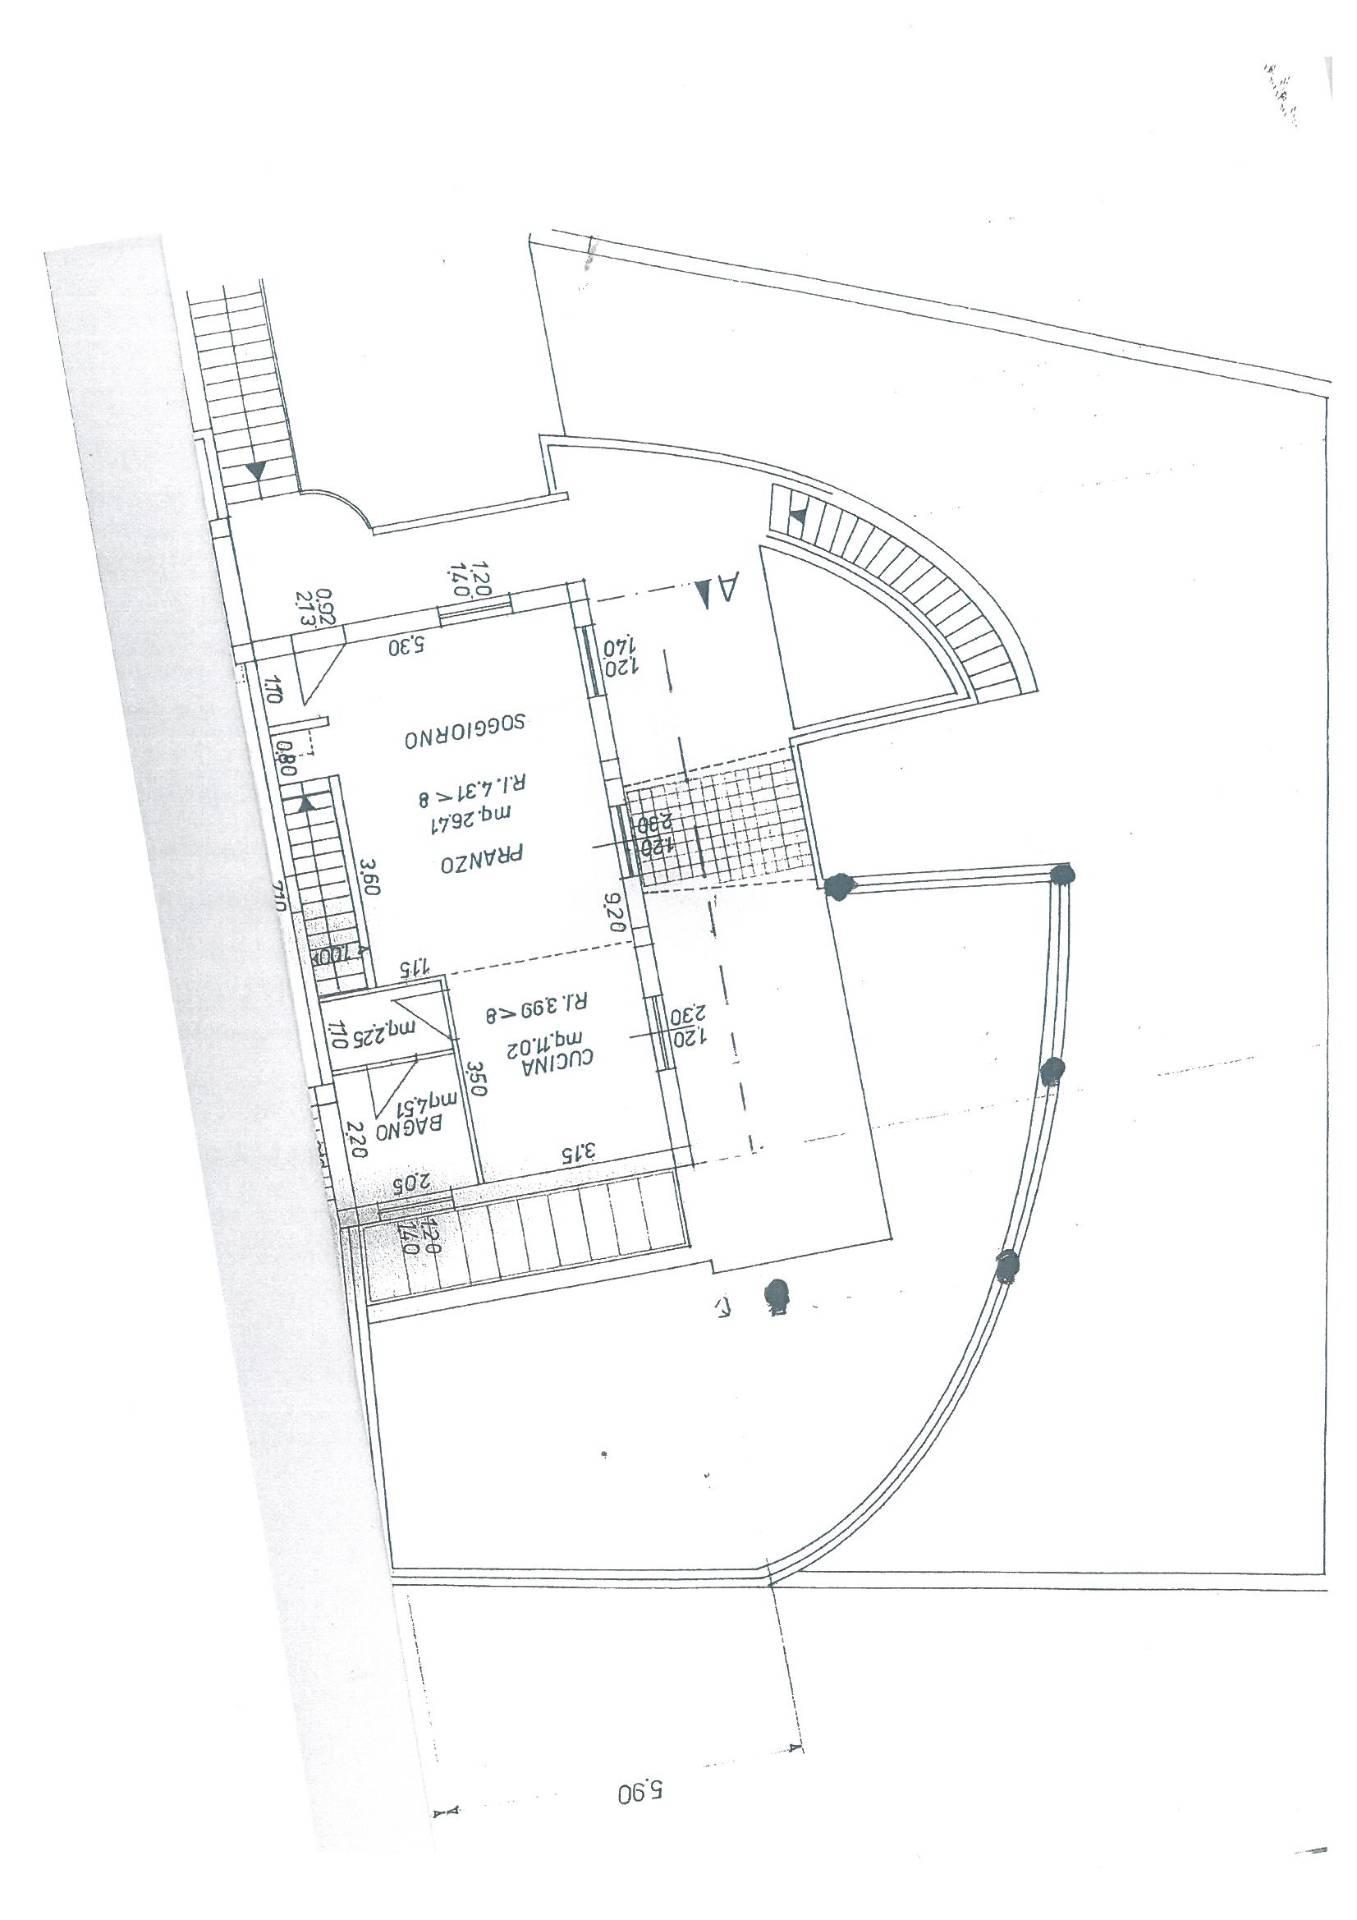 Villa in vendita a Polverigi, 6 locali, zona Località: Semicentro, prezzo € 300.000 | Cambio Casa.it